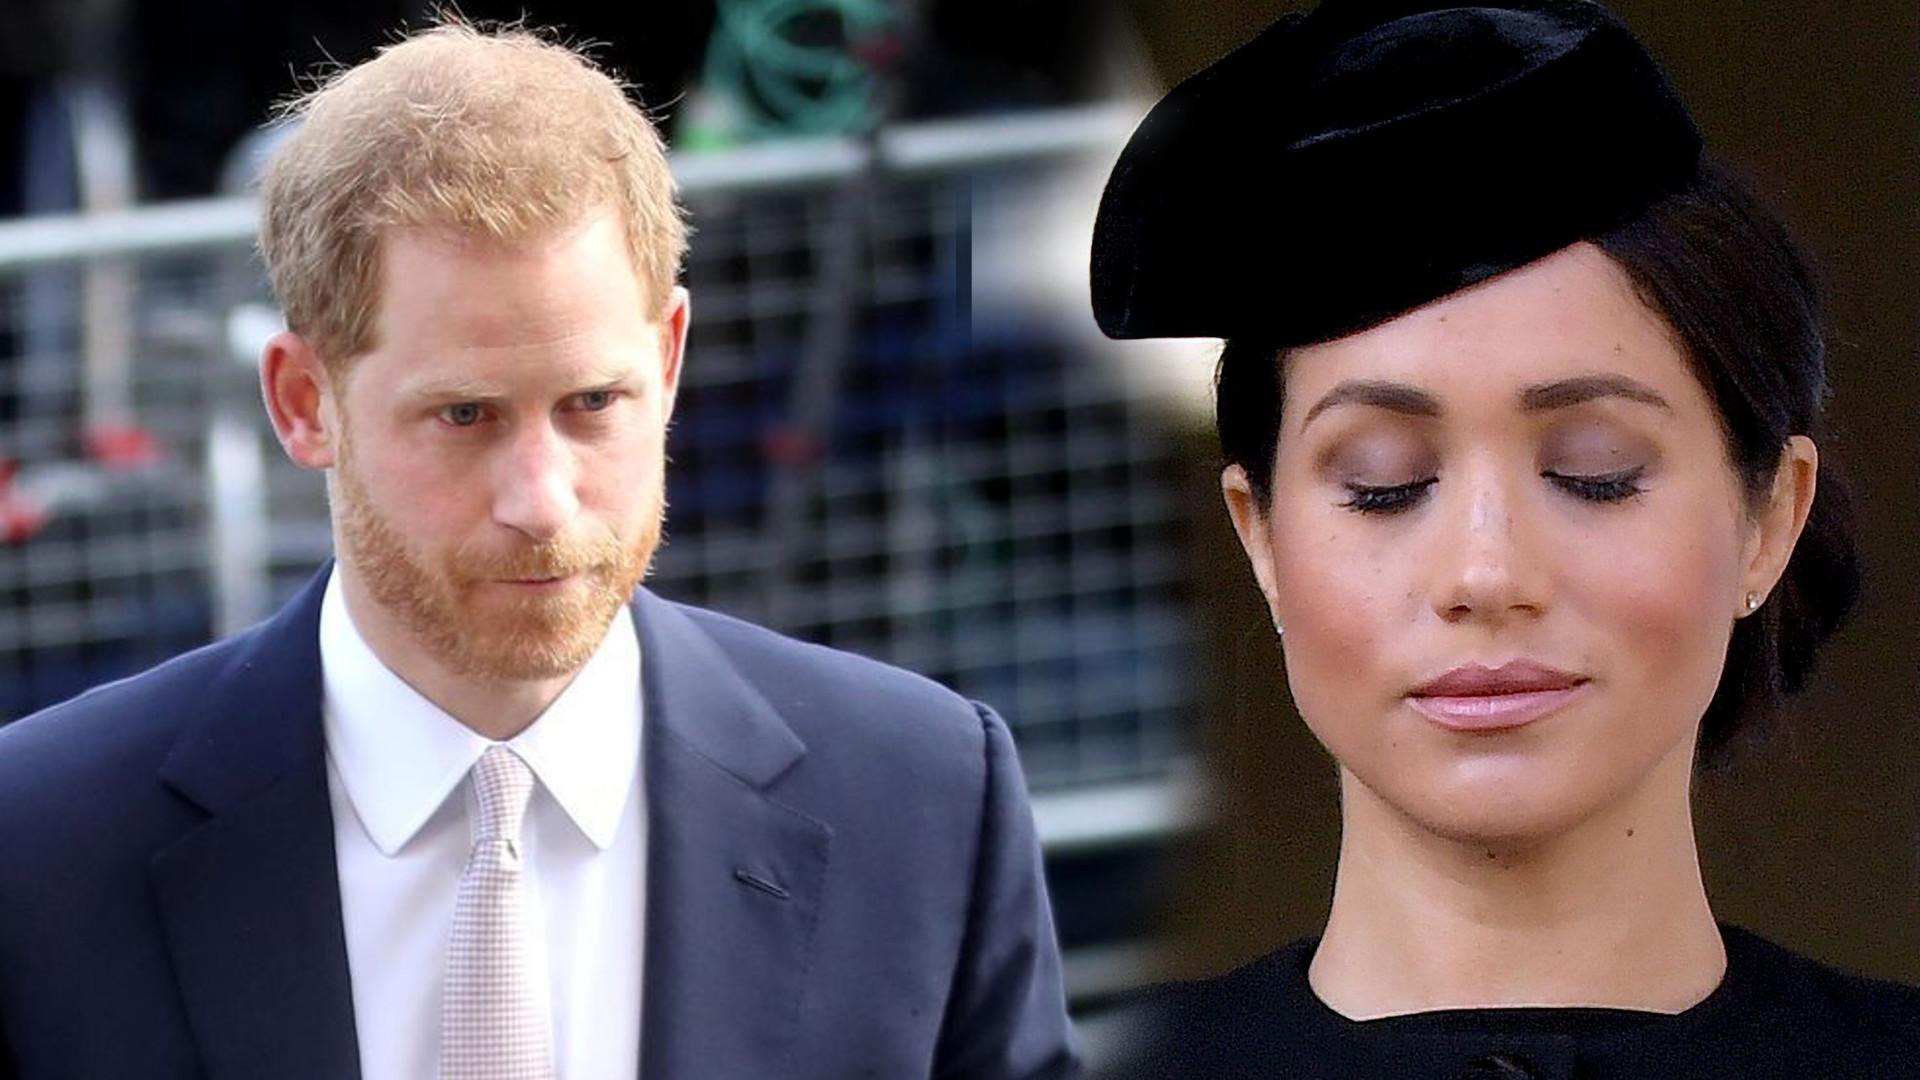 Książę Harry ma spory kompleks na punkcie tej RZECZY! Nie chce wyglądać jak William